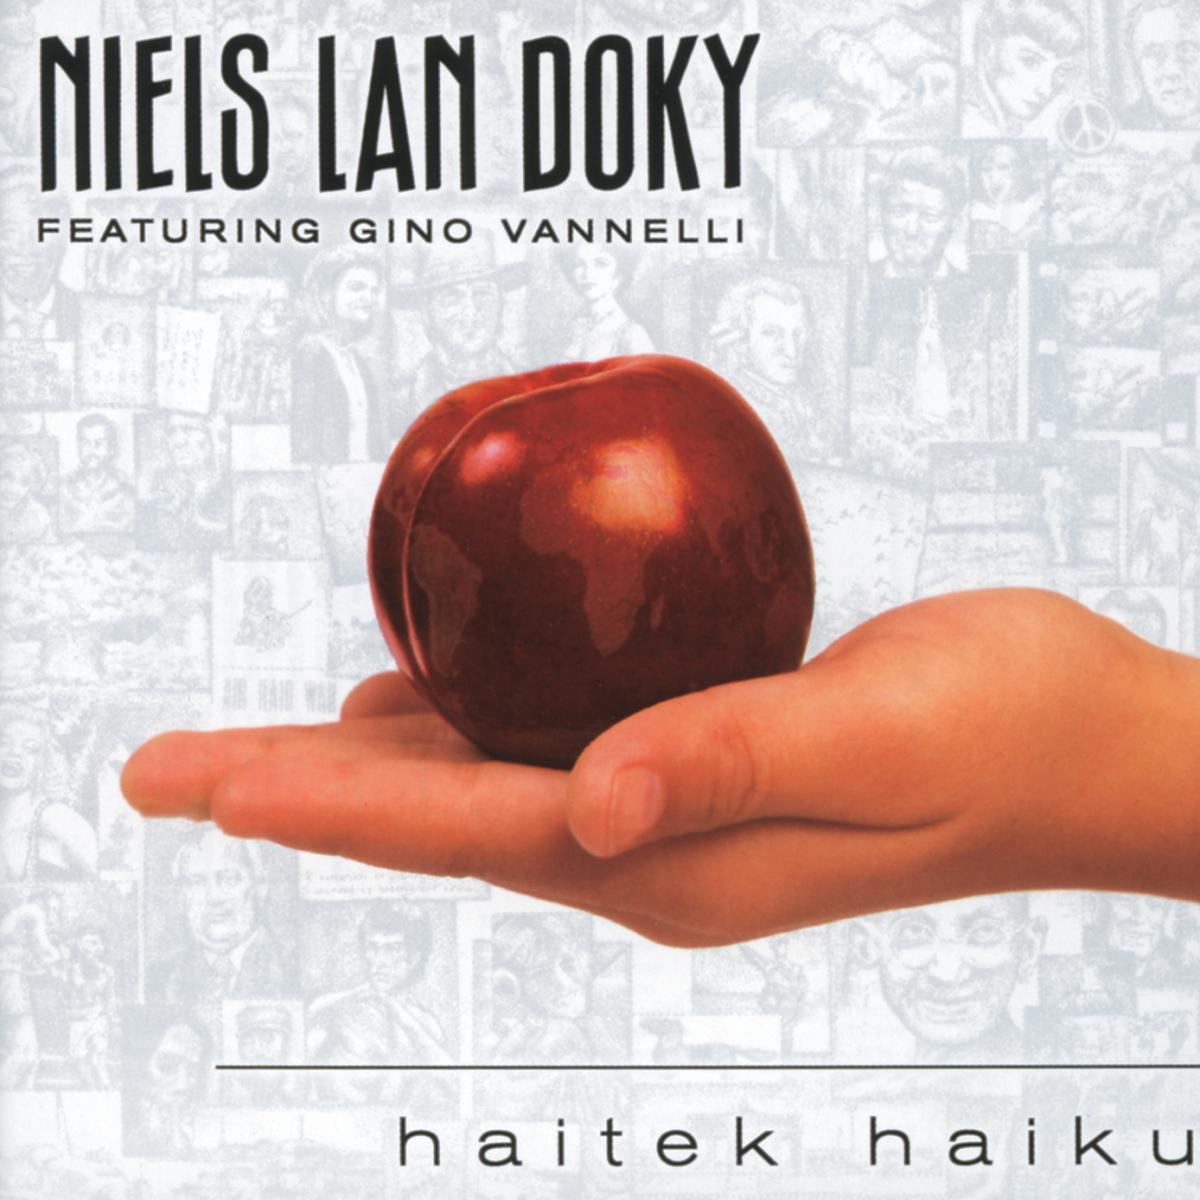 Haitek Haiku (2001)